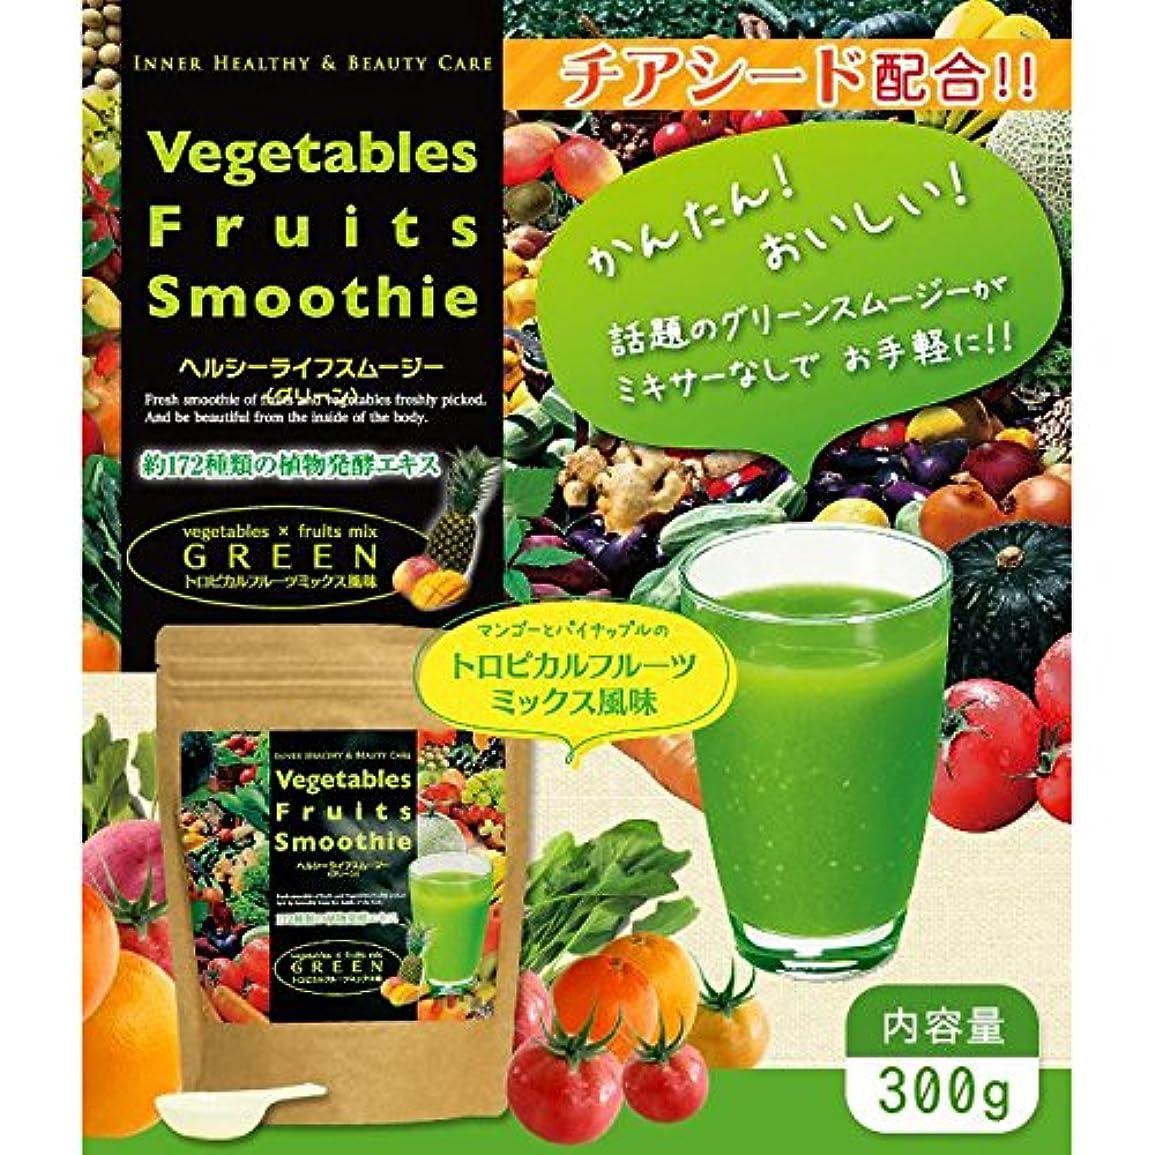 極端なを除くどのくらいの頻度でVegetables Fruits Smoothie ヘルシーライフスムージー(グリーン)トロピカルフルーツミックス味 300g 日本製